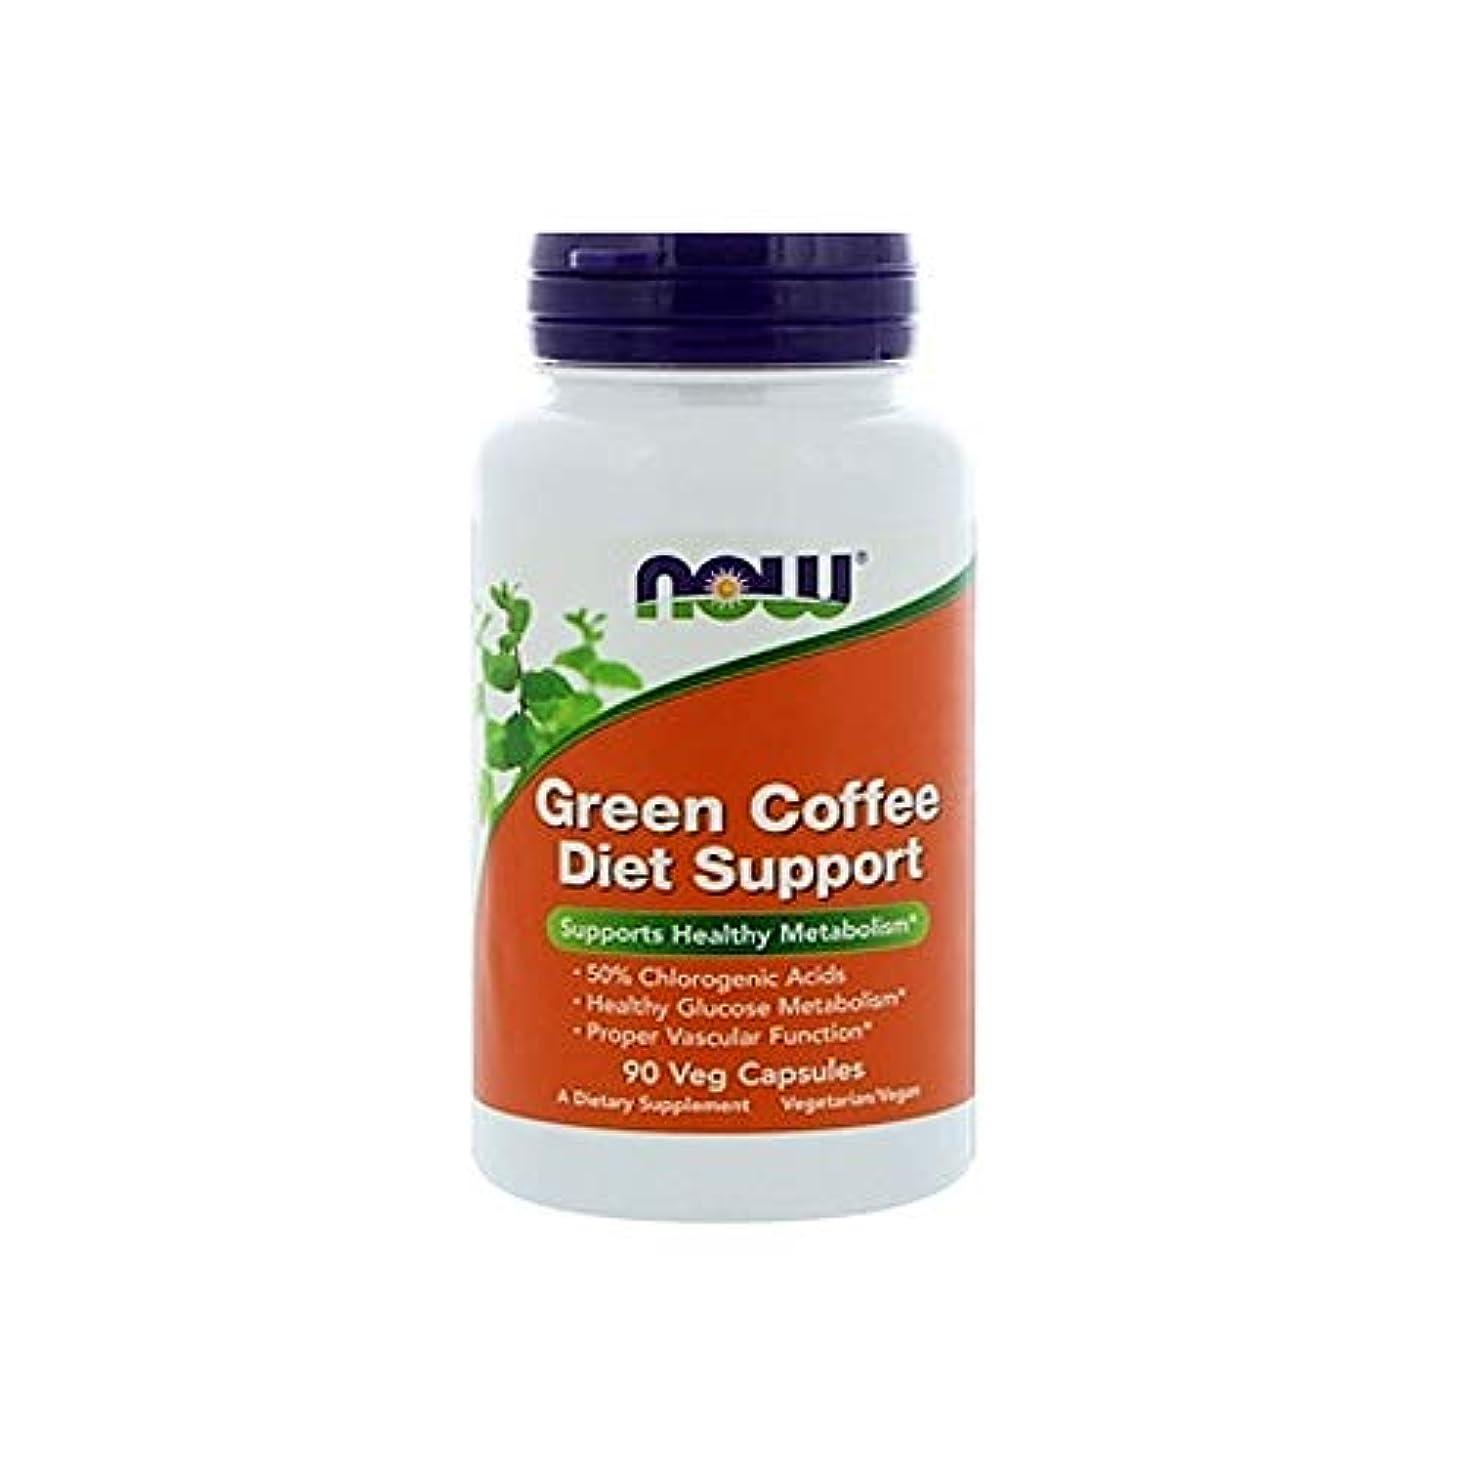 建物怪しい溶接[海外直送品] ナウフーズ グリーンコーヒー ダイエットサポート(クロロゲン酸含有) 90粒